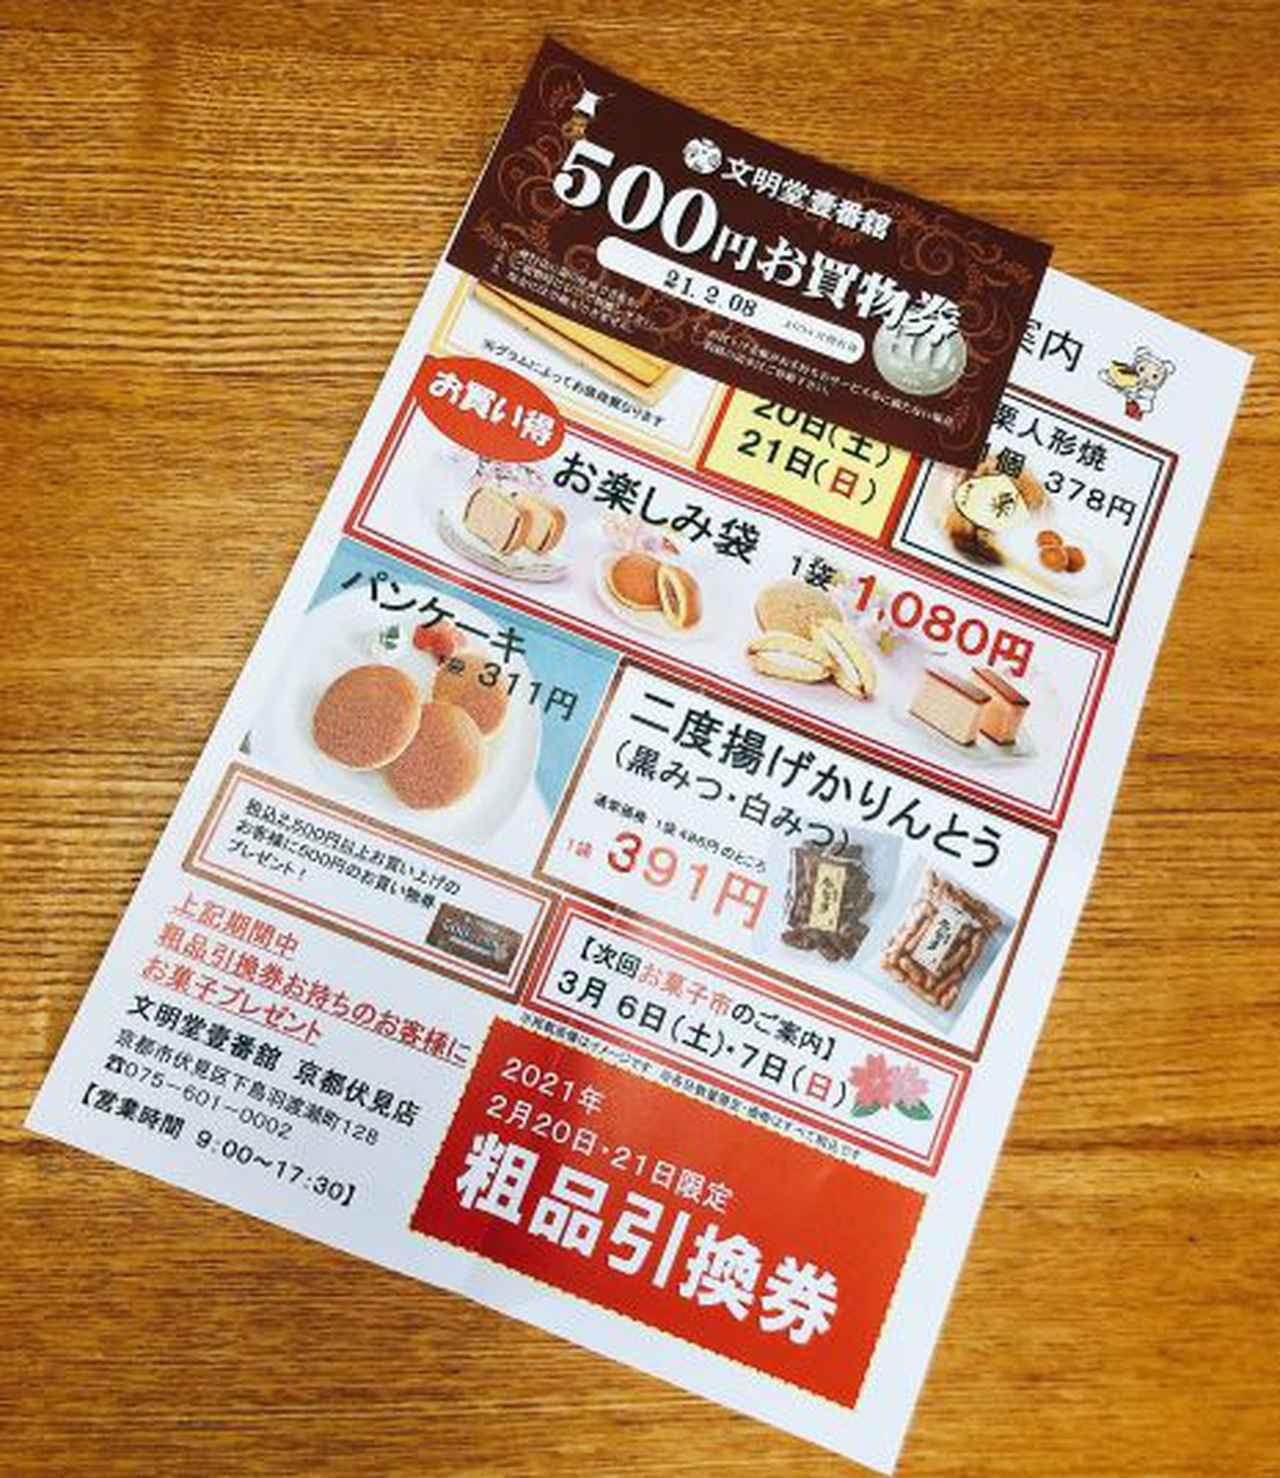 画像: 2500円以上購入で貰える500円分のお買い物券。